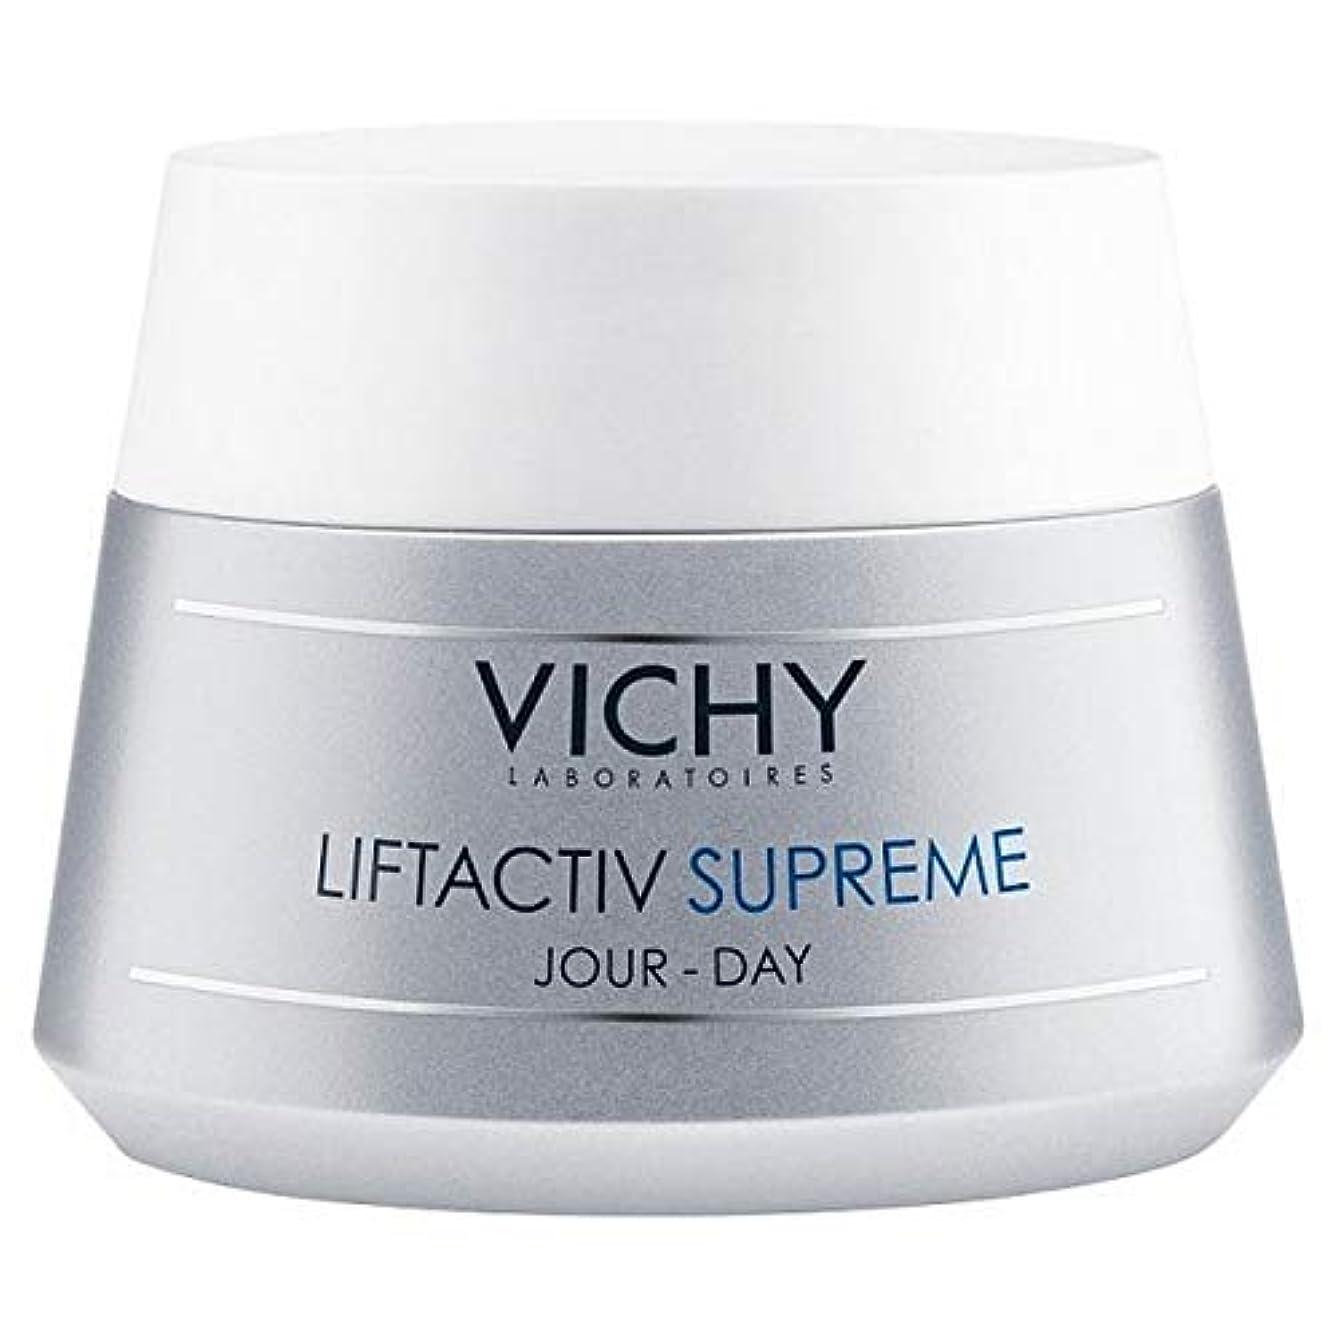 自治的謝罪モナリザ[Vichy ] 最高の顔デイクリームN / Cの皮膚50ミリリットルLiftactivヴィシー - Vichy LiftActiv Supreme Face Day Cream N/C Skin 50ml [並行輸入品]